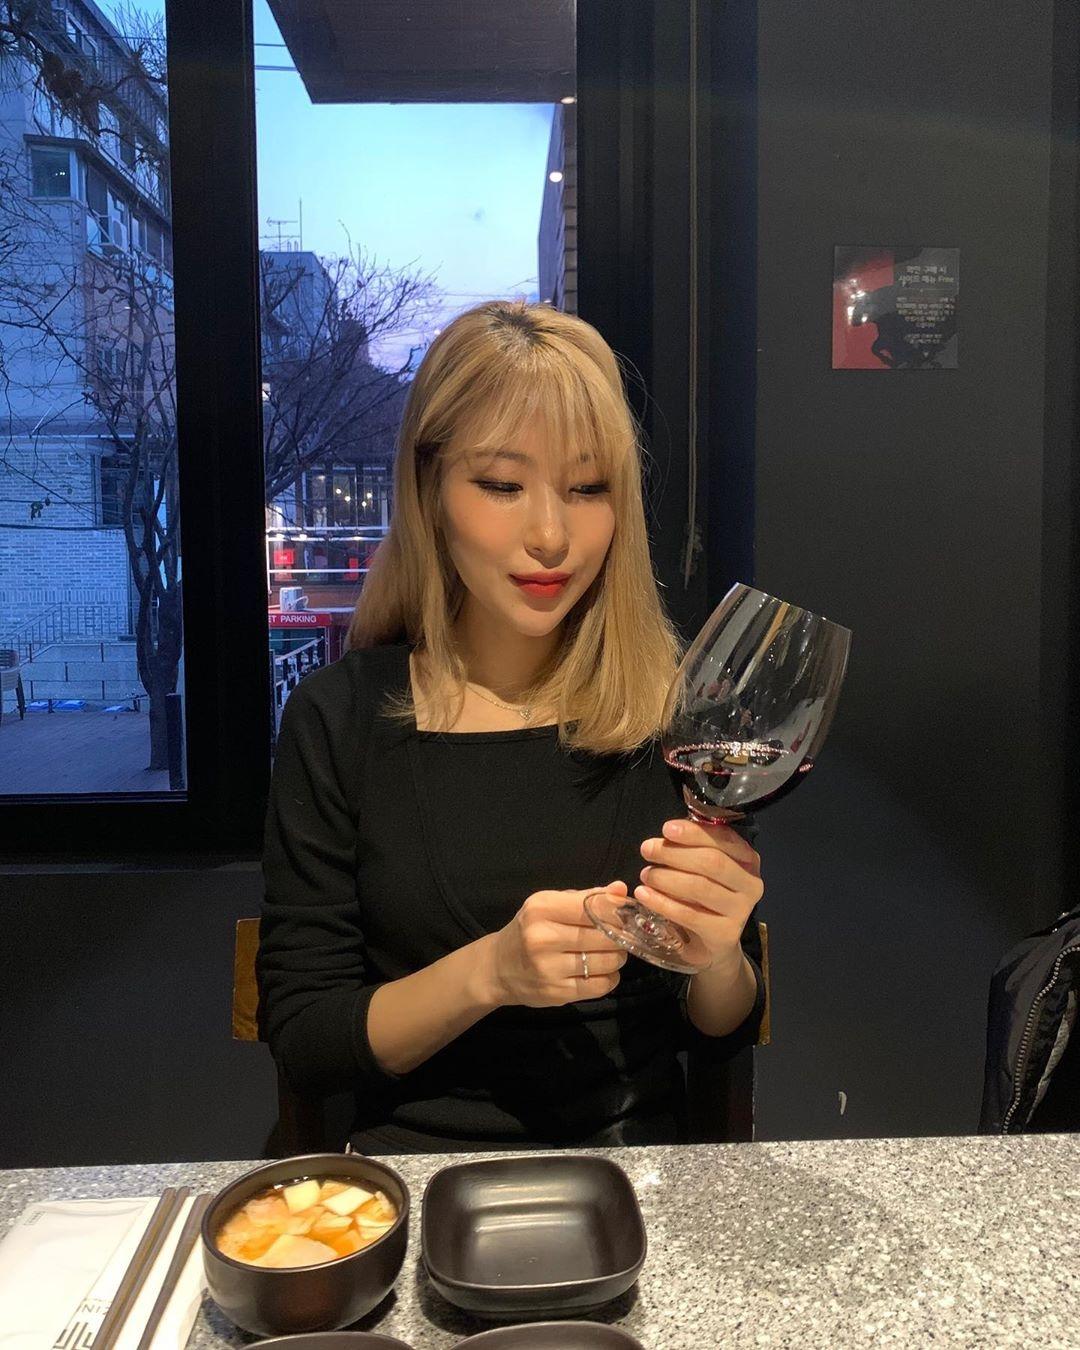 搞笑艺人李世英公开与日韩混血恋人的约会照